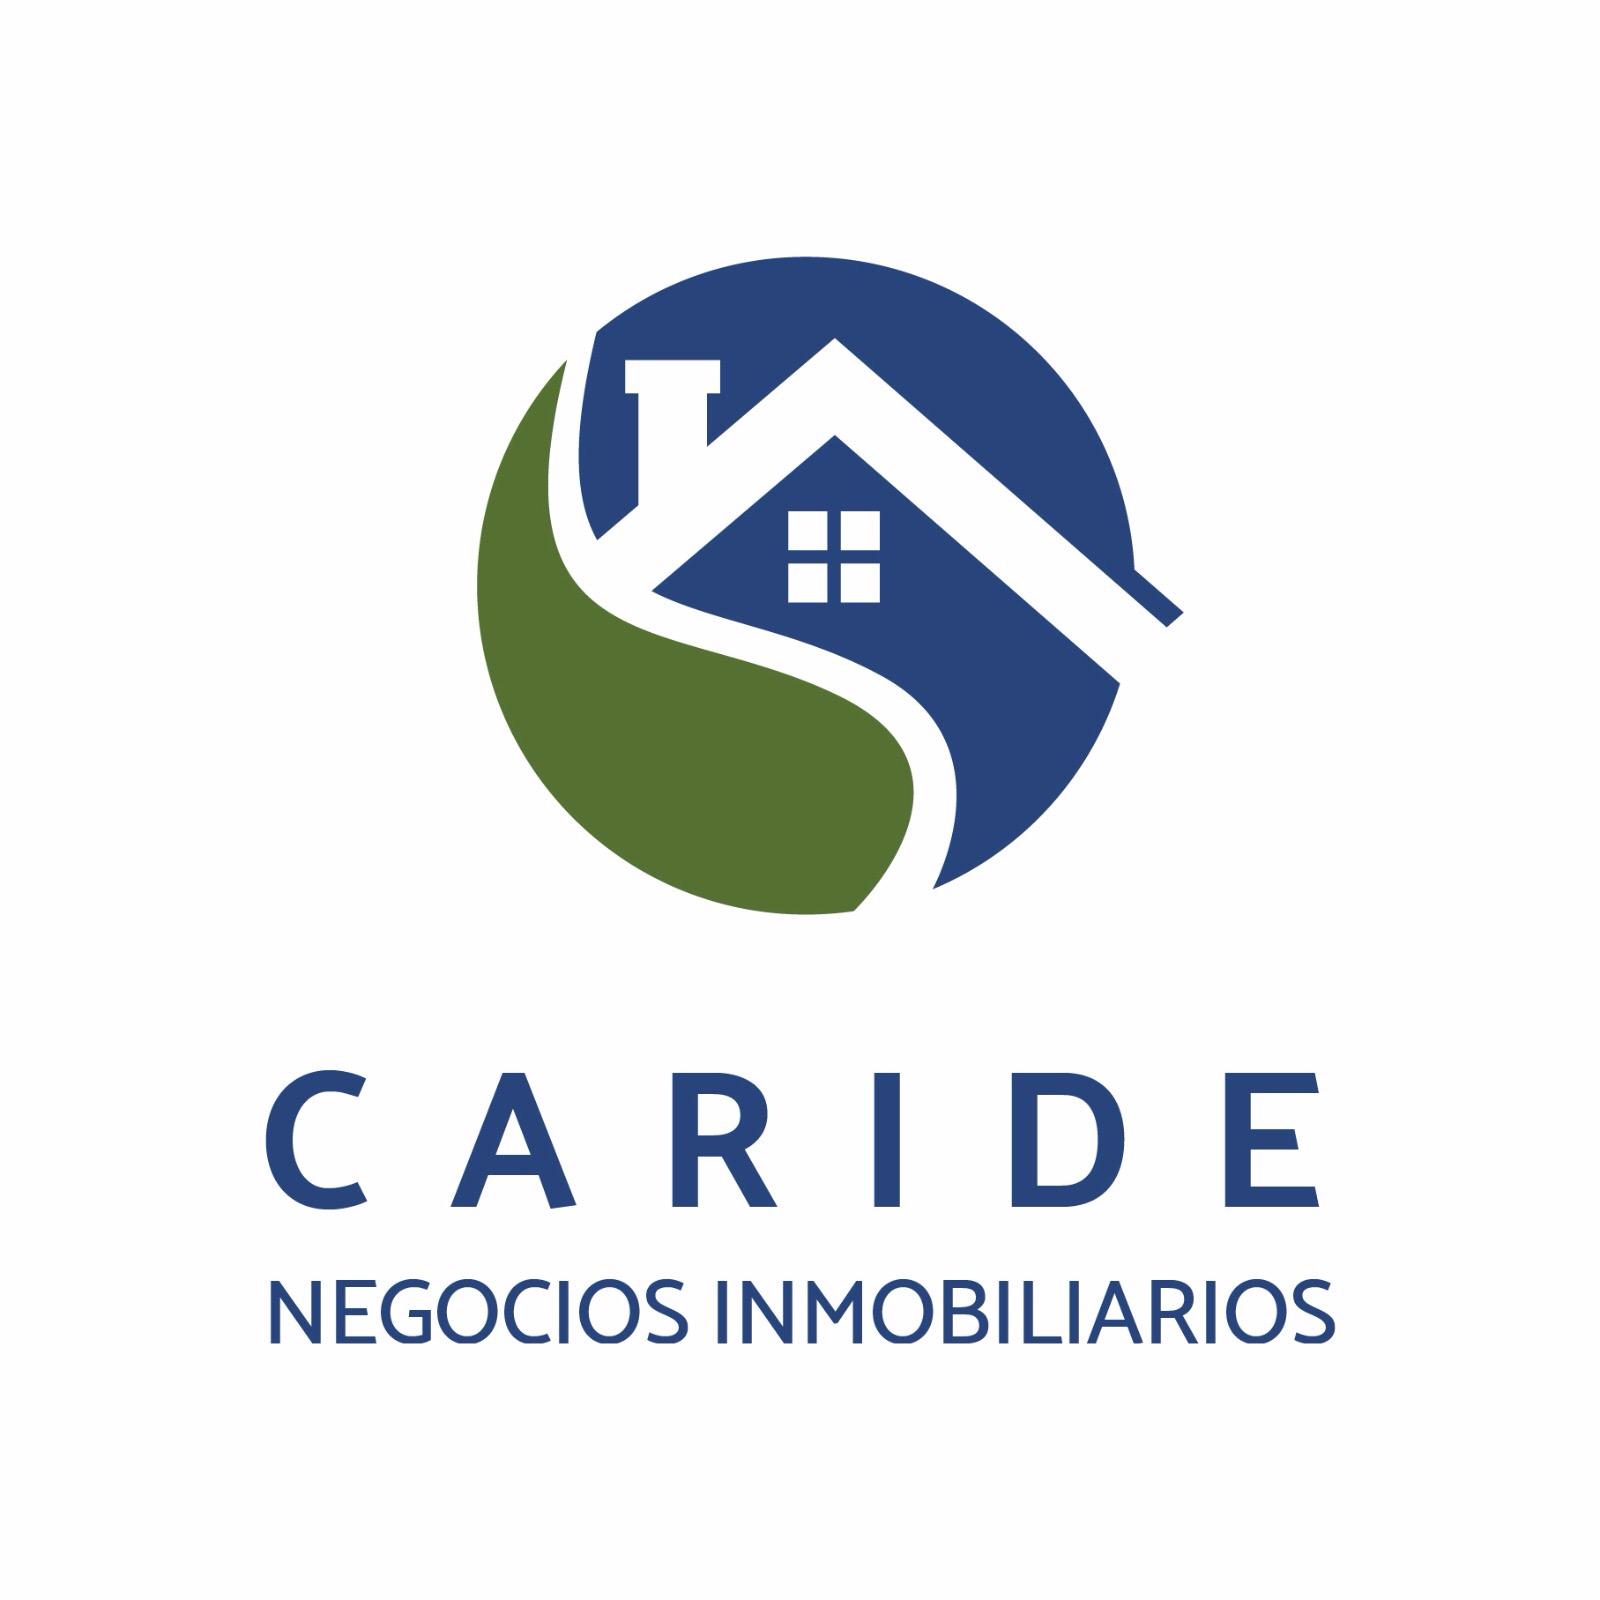 CARIDE Negocios Inmobiliarios